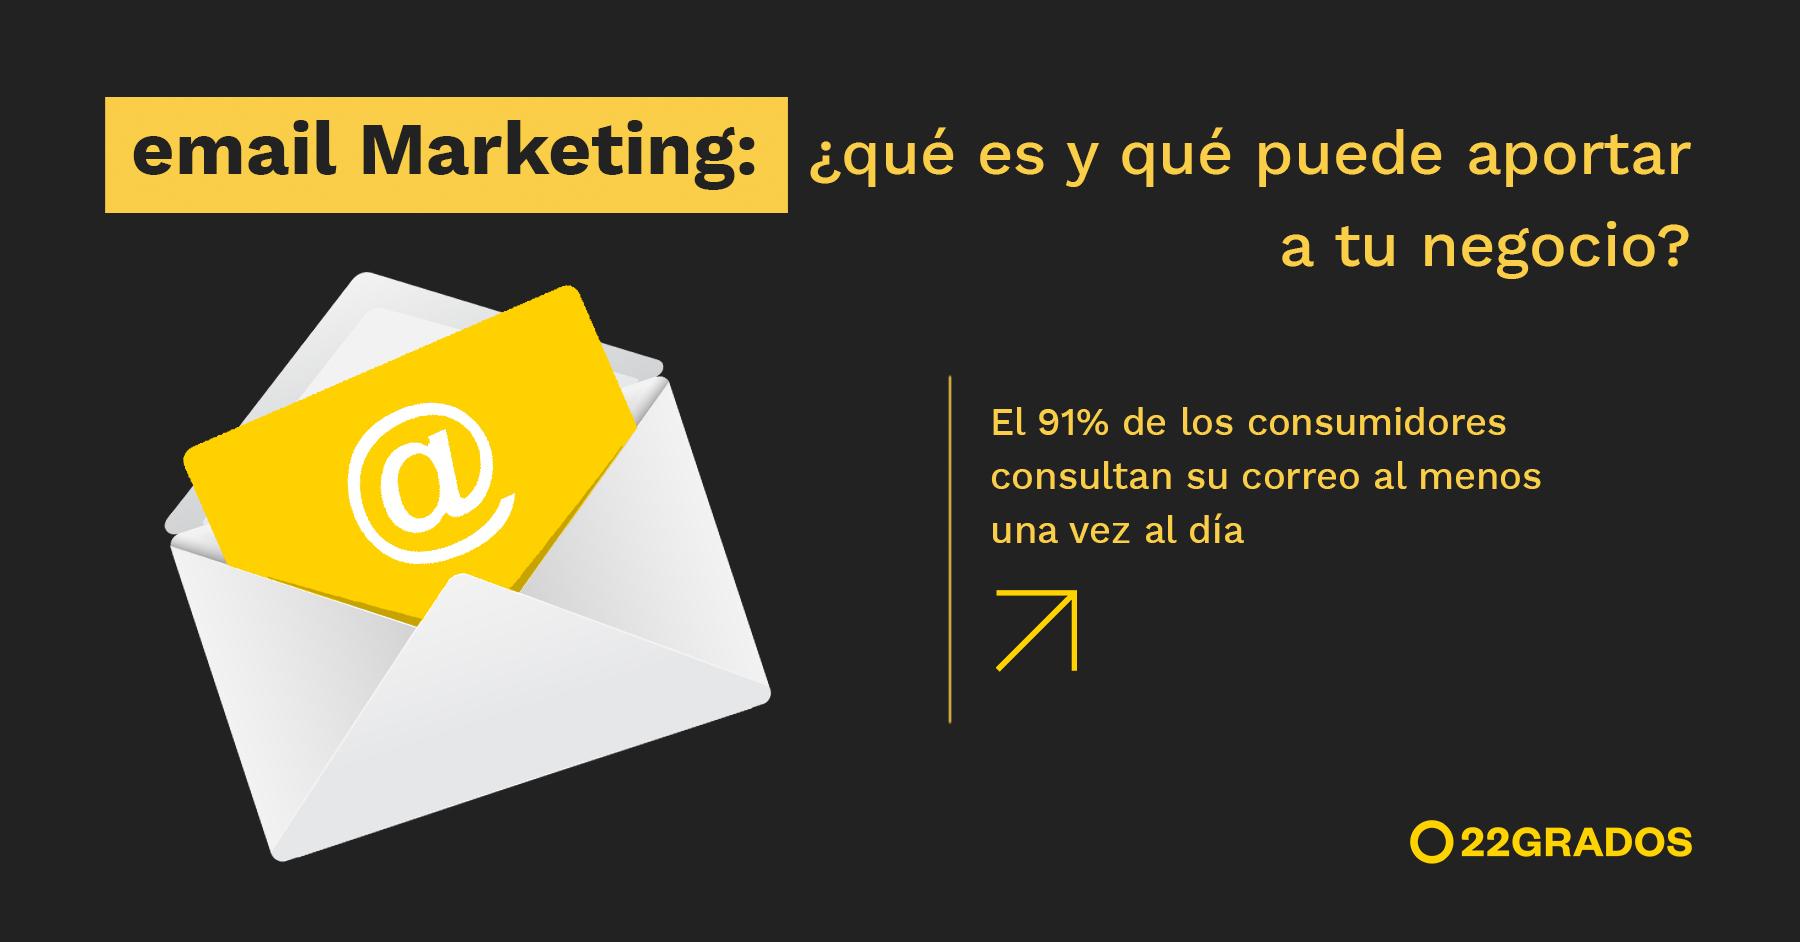 Email Marketing: ¿qué es y qué puede aportar a tu negocio?